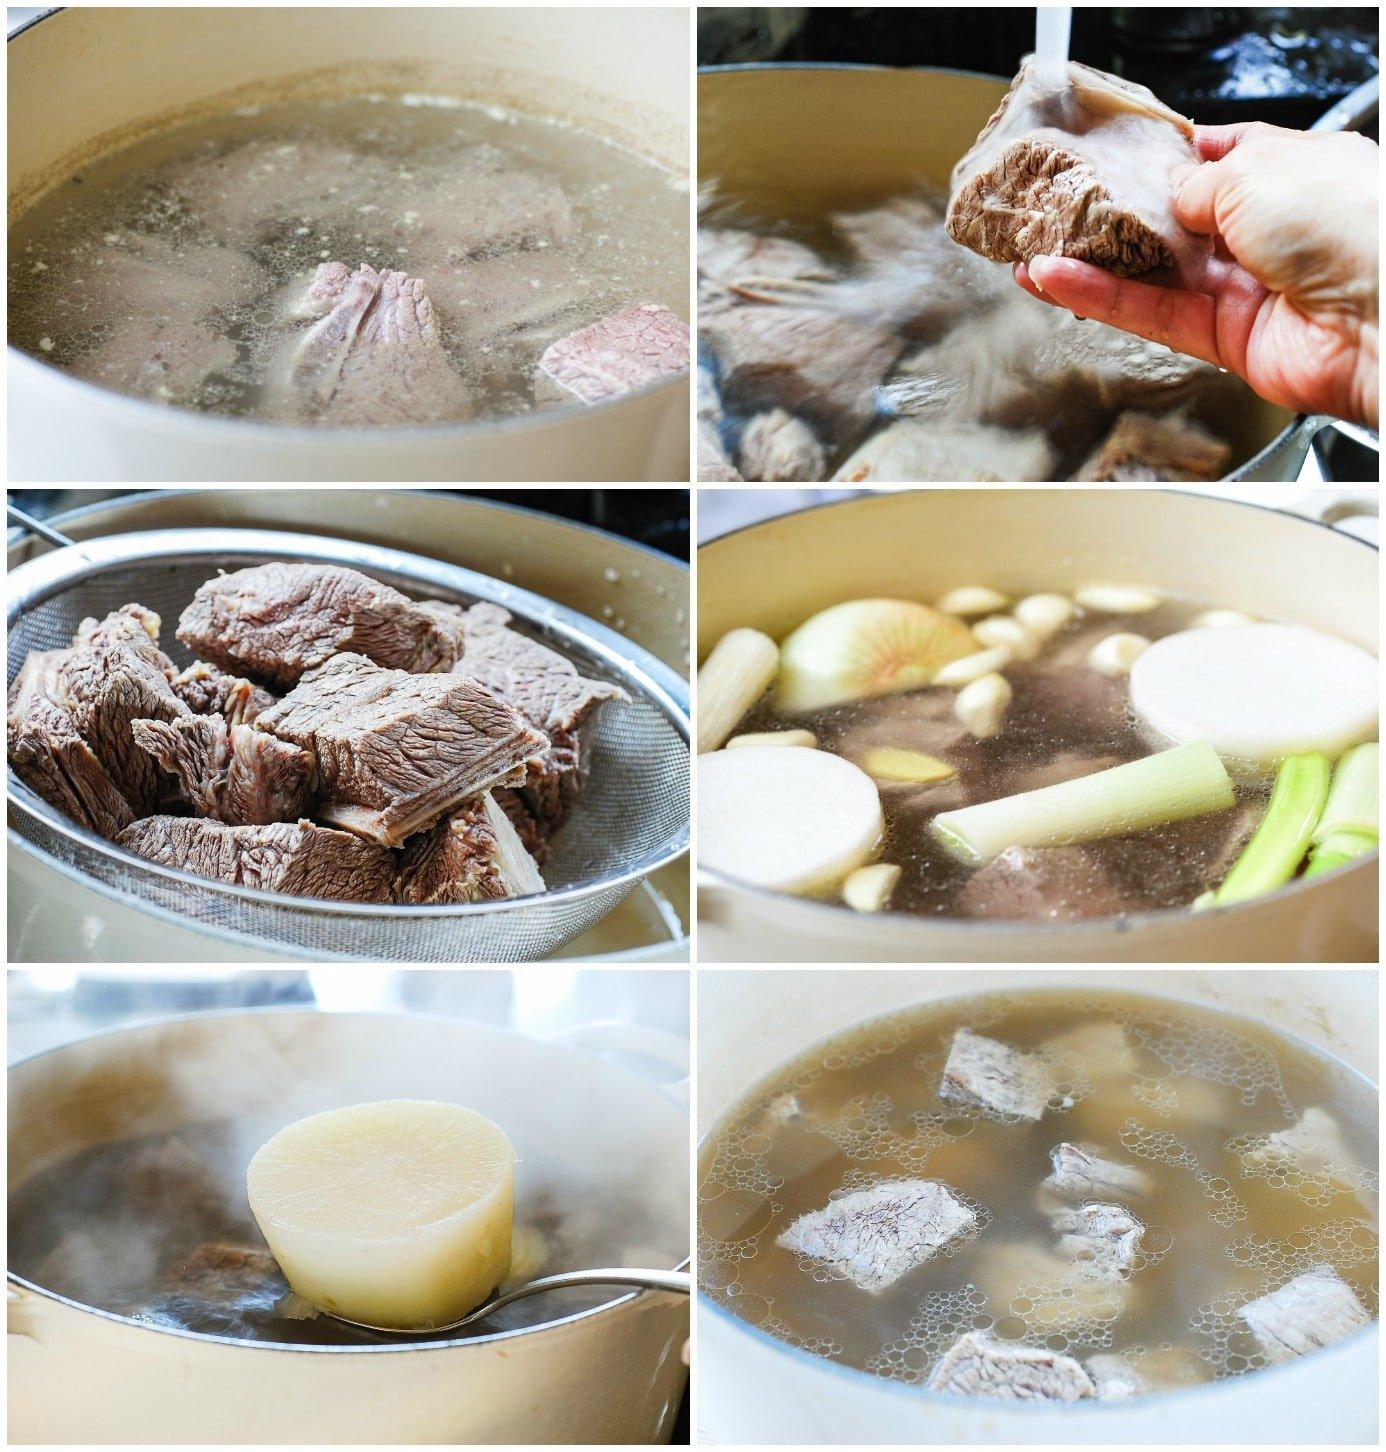 Galbitang collage - Galbitang (Beef Short Rib Soup)